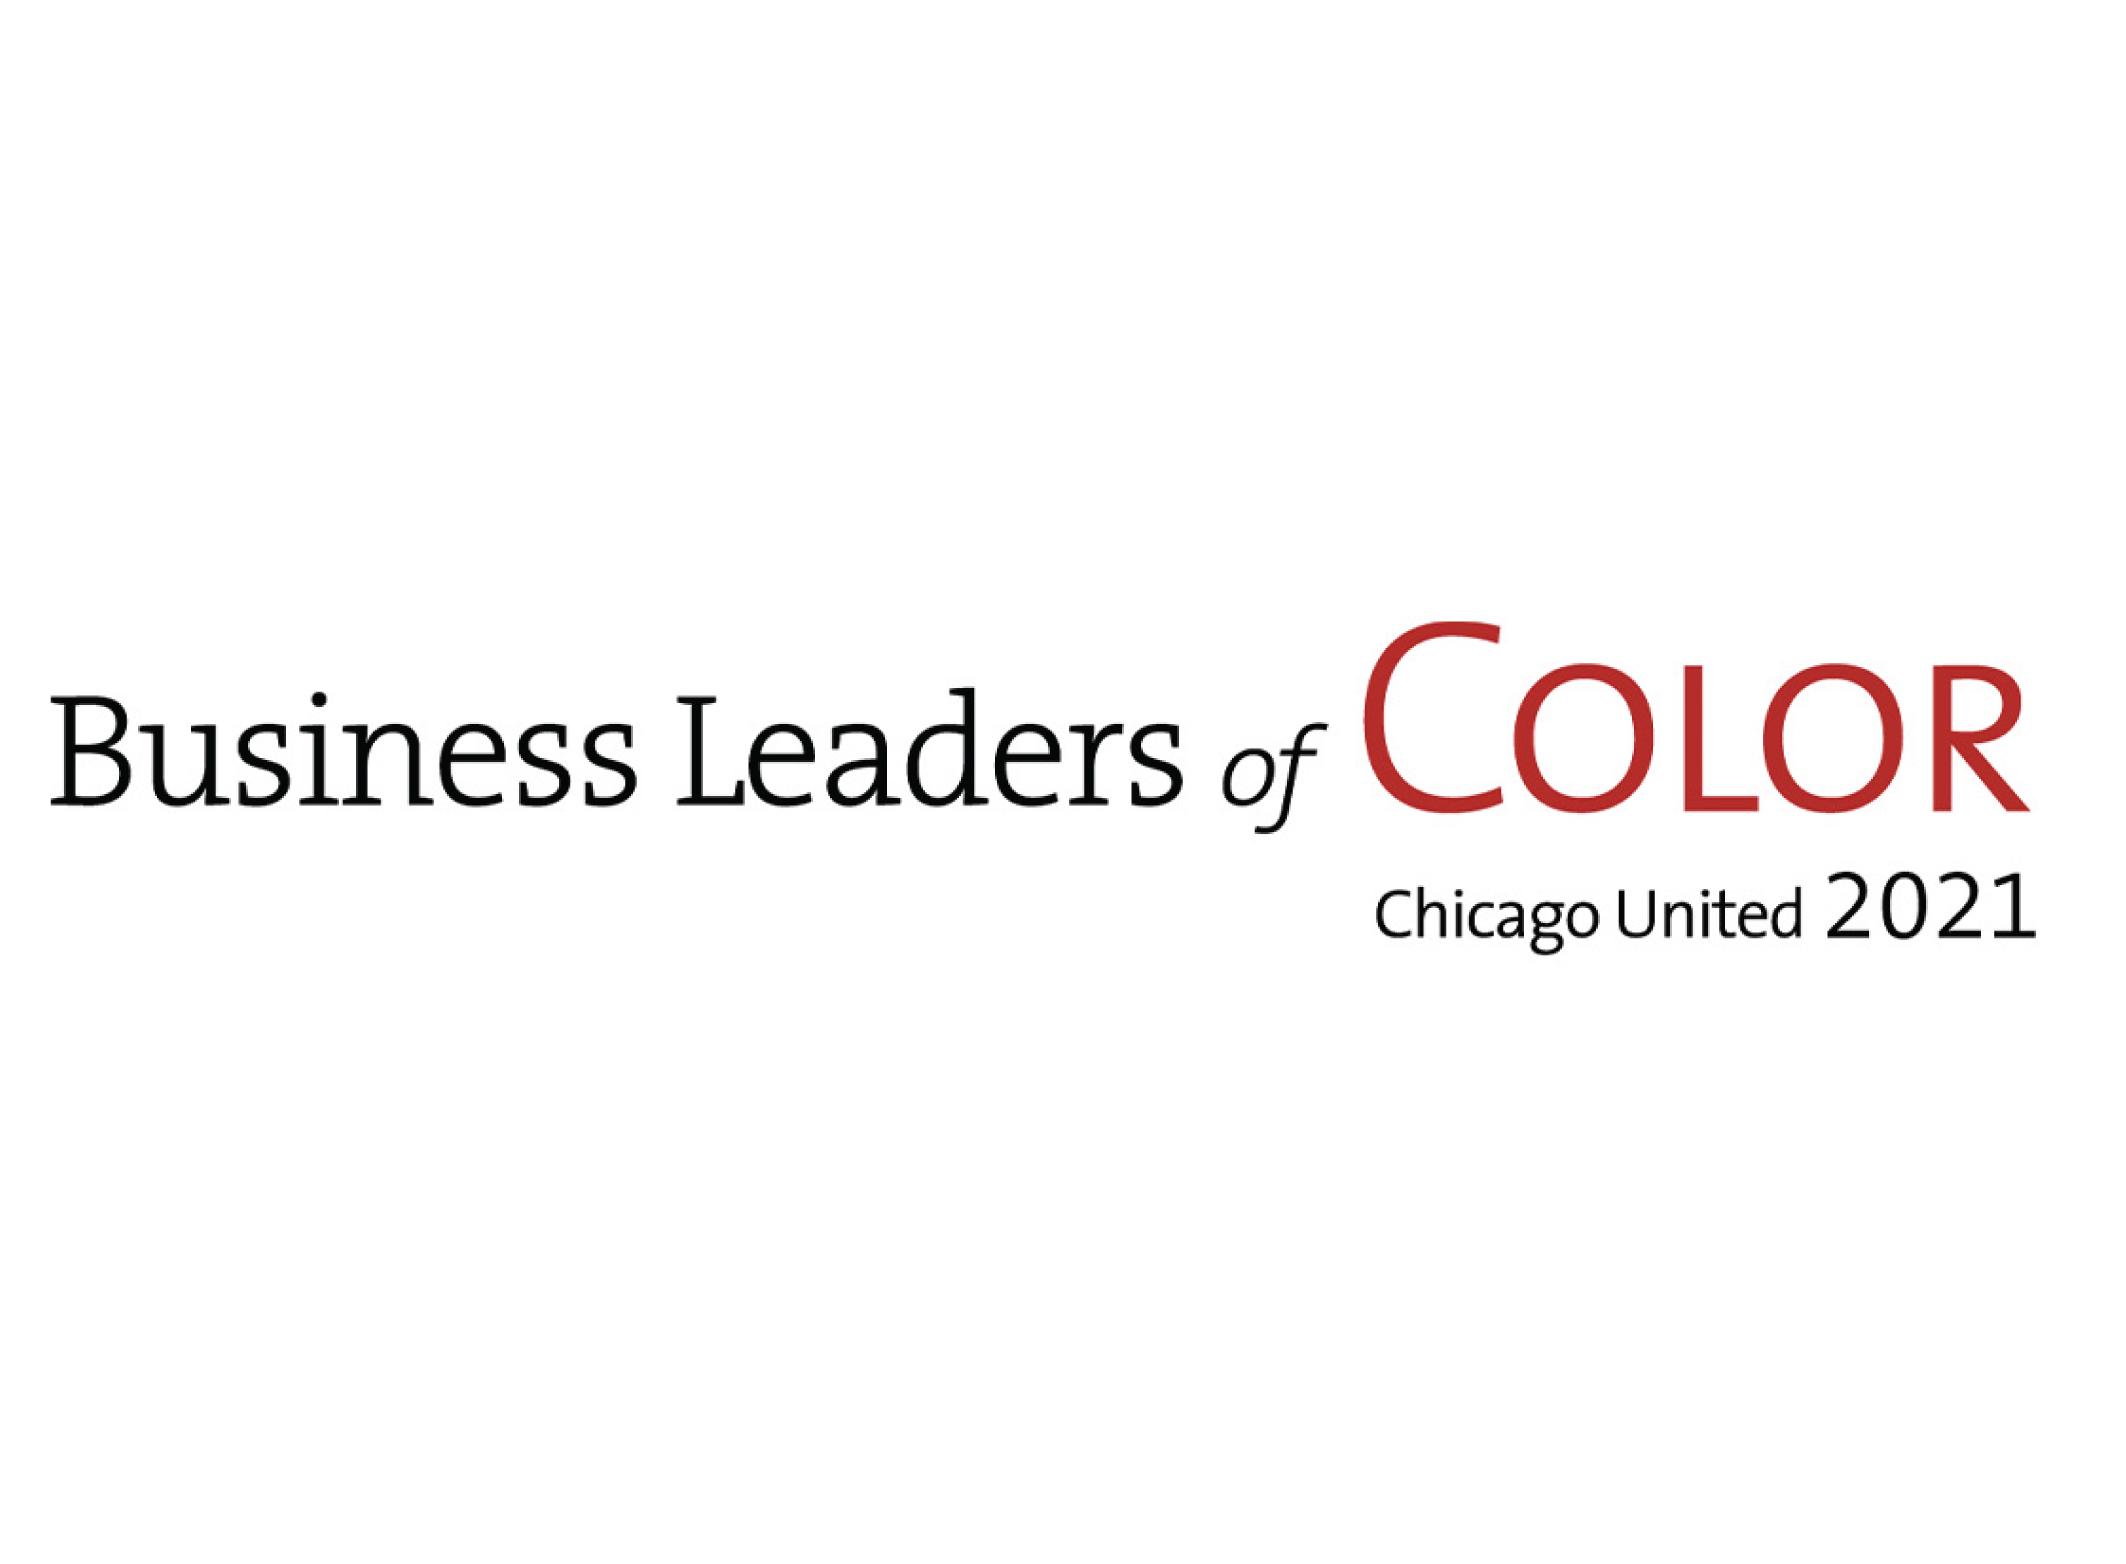 Senior Vice President, Lourdes Gonzalez, Recognized as a 2021 Business Leader of Color